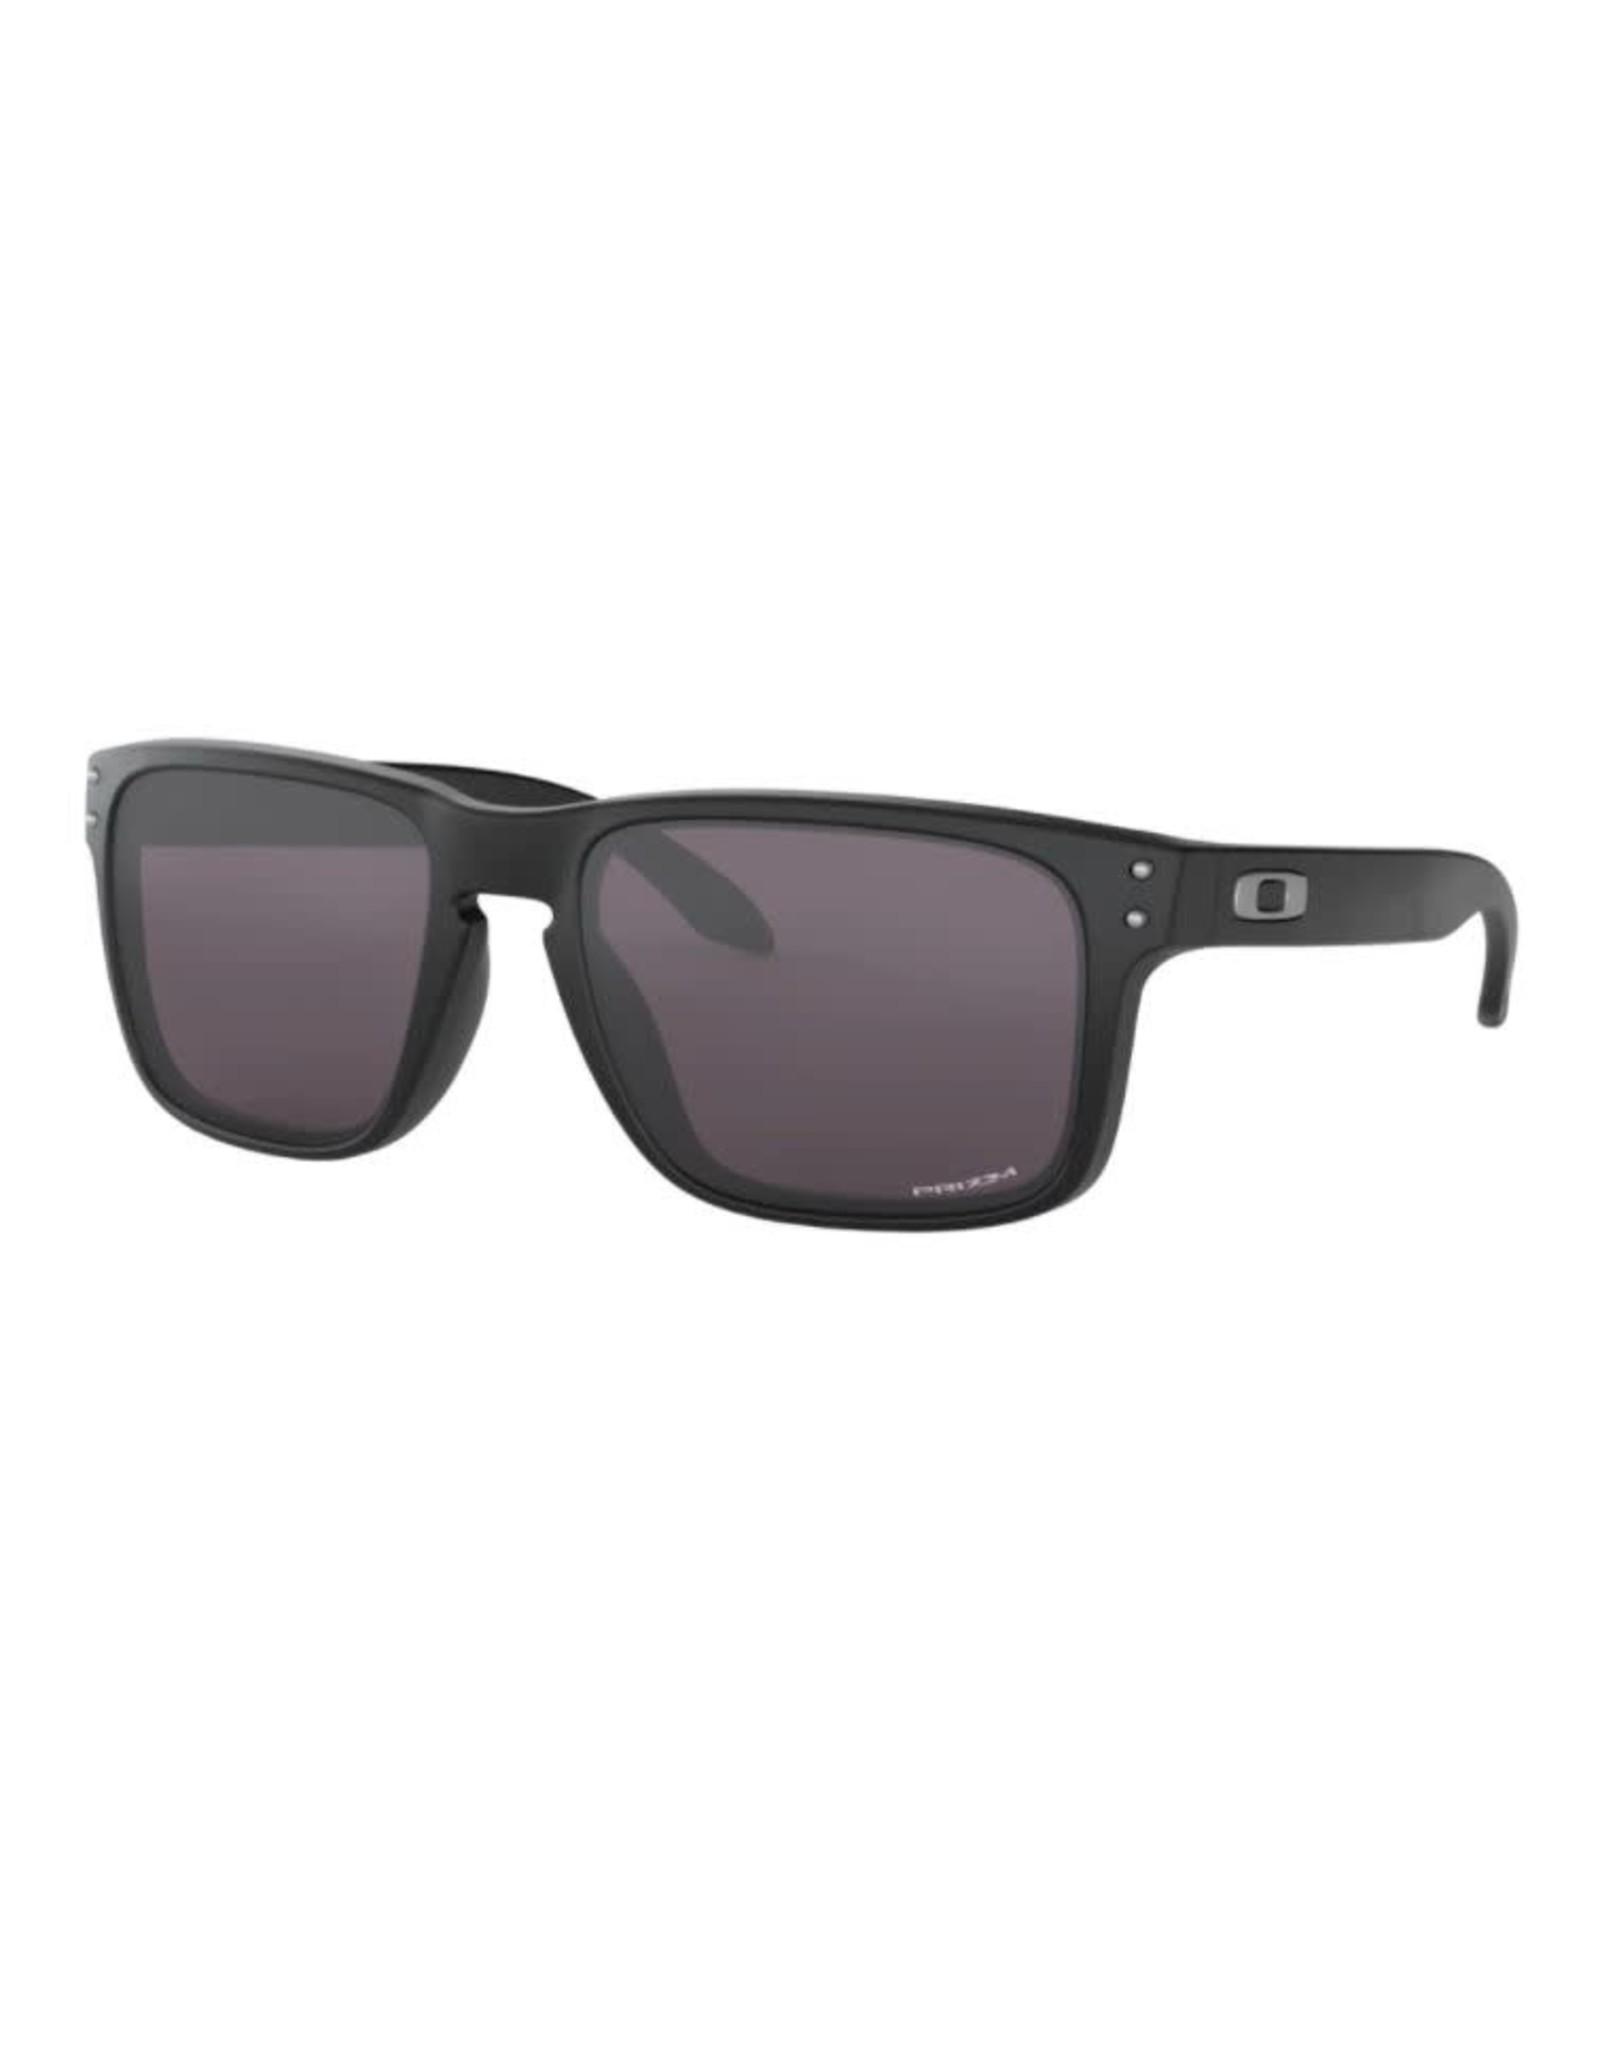 Oakley Oakley - Lunette soleil homme holbrook matte black/lens prizm grey